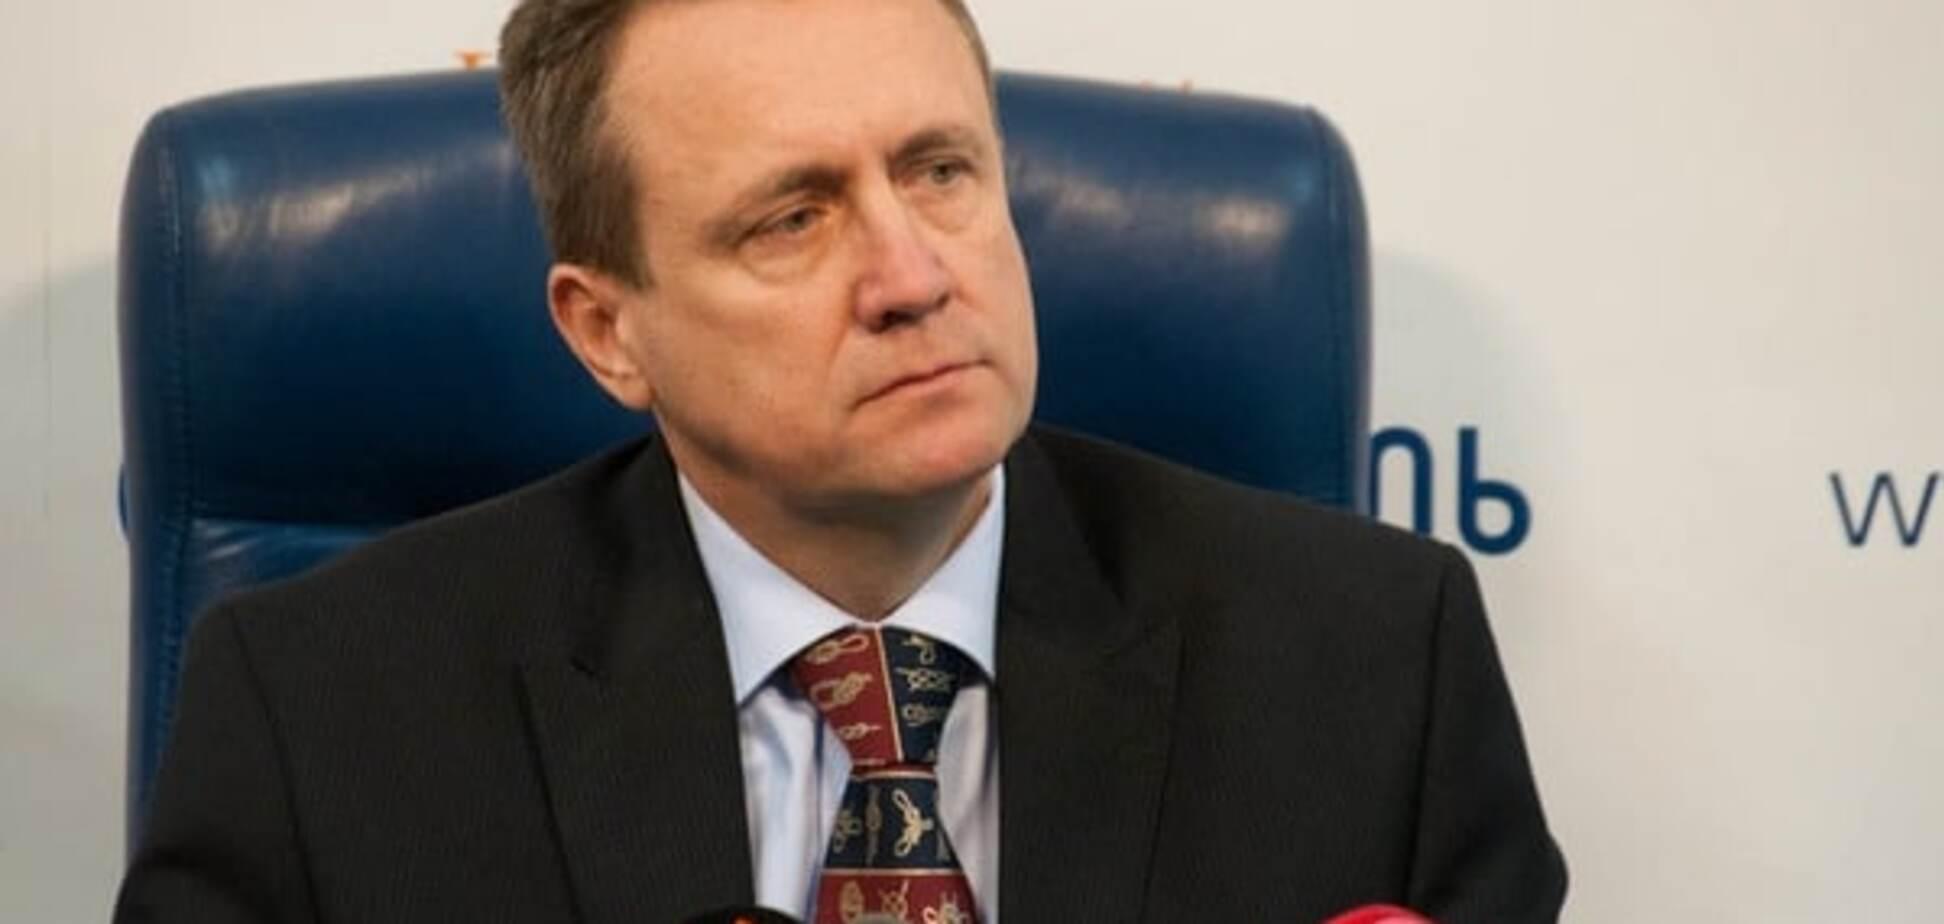 Скрытая угроза: адмирал Кабаненко предупредил о блицкриге Кремля